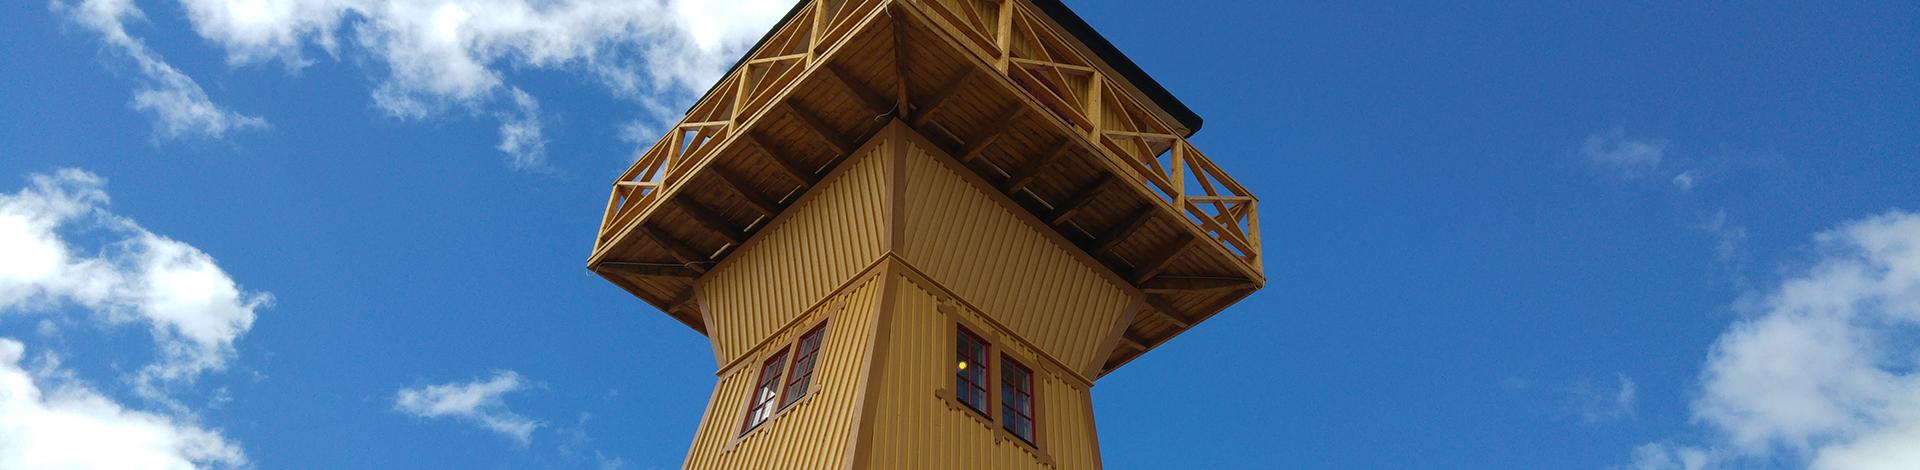 Tornet slide